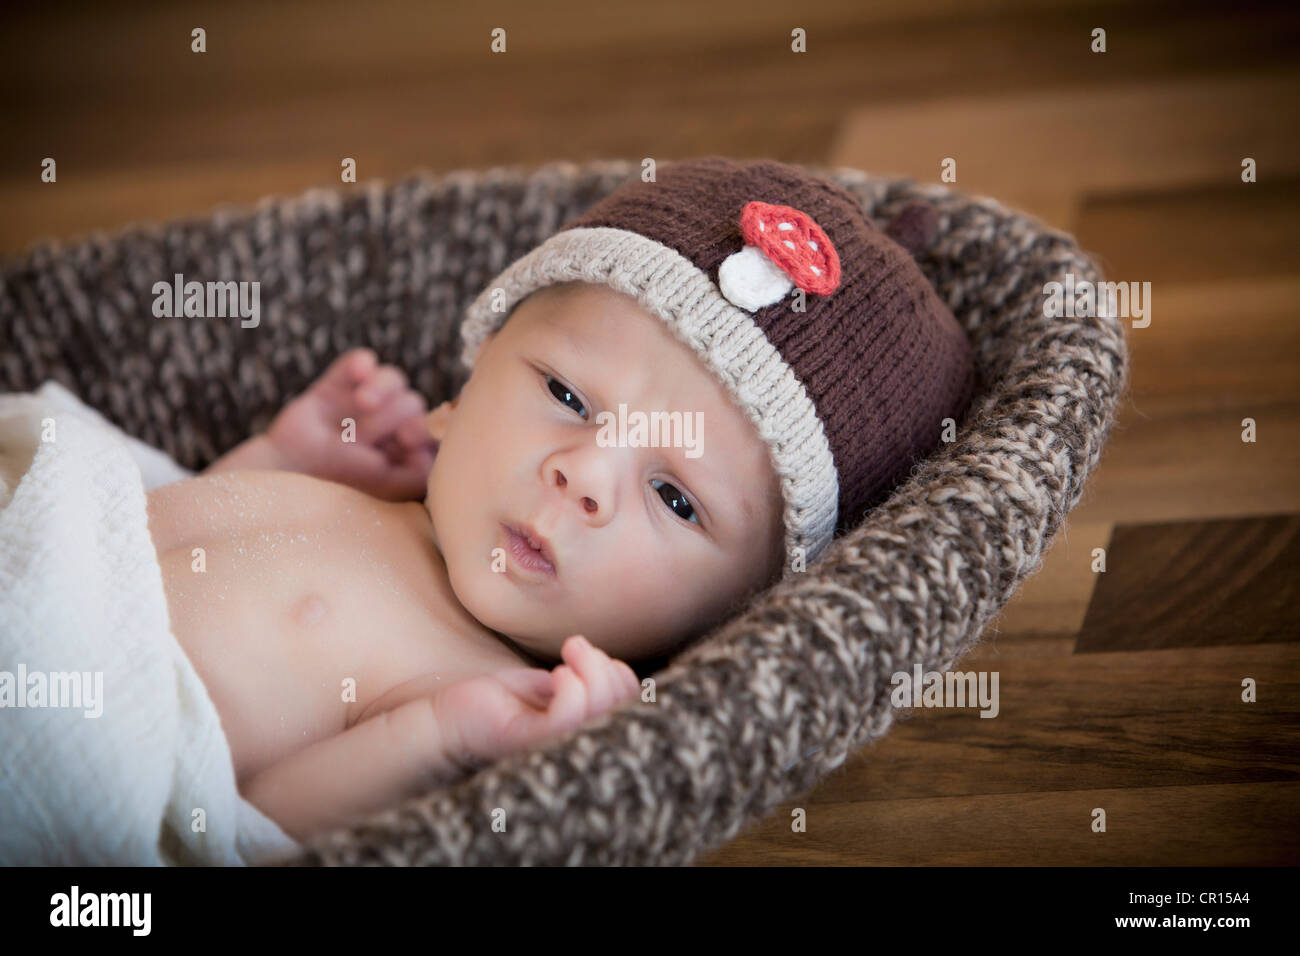 Newborn baby 3 weeks wearing a hat lying in a basket